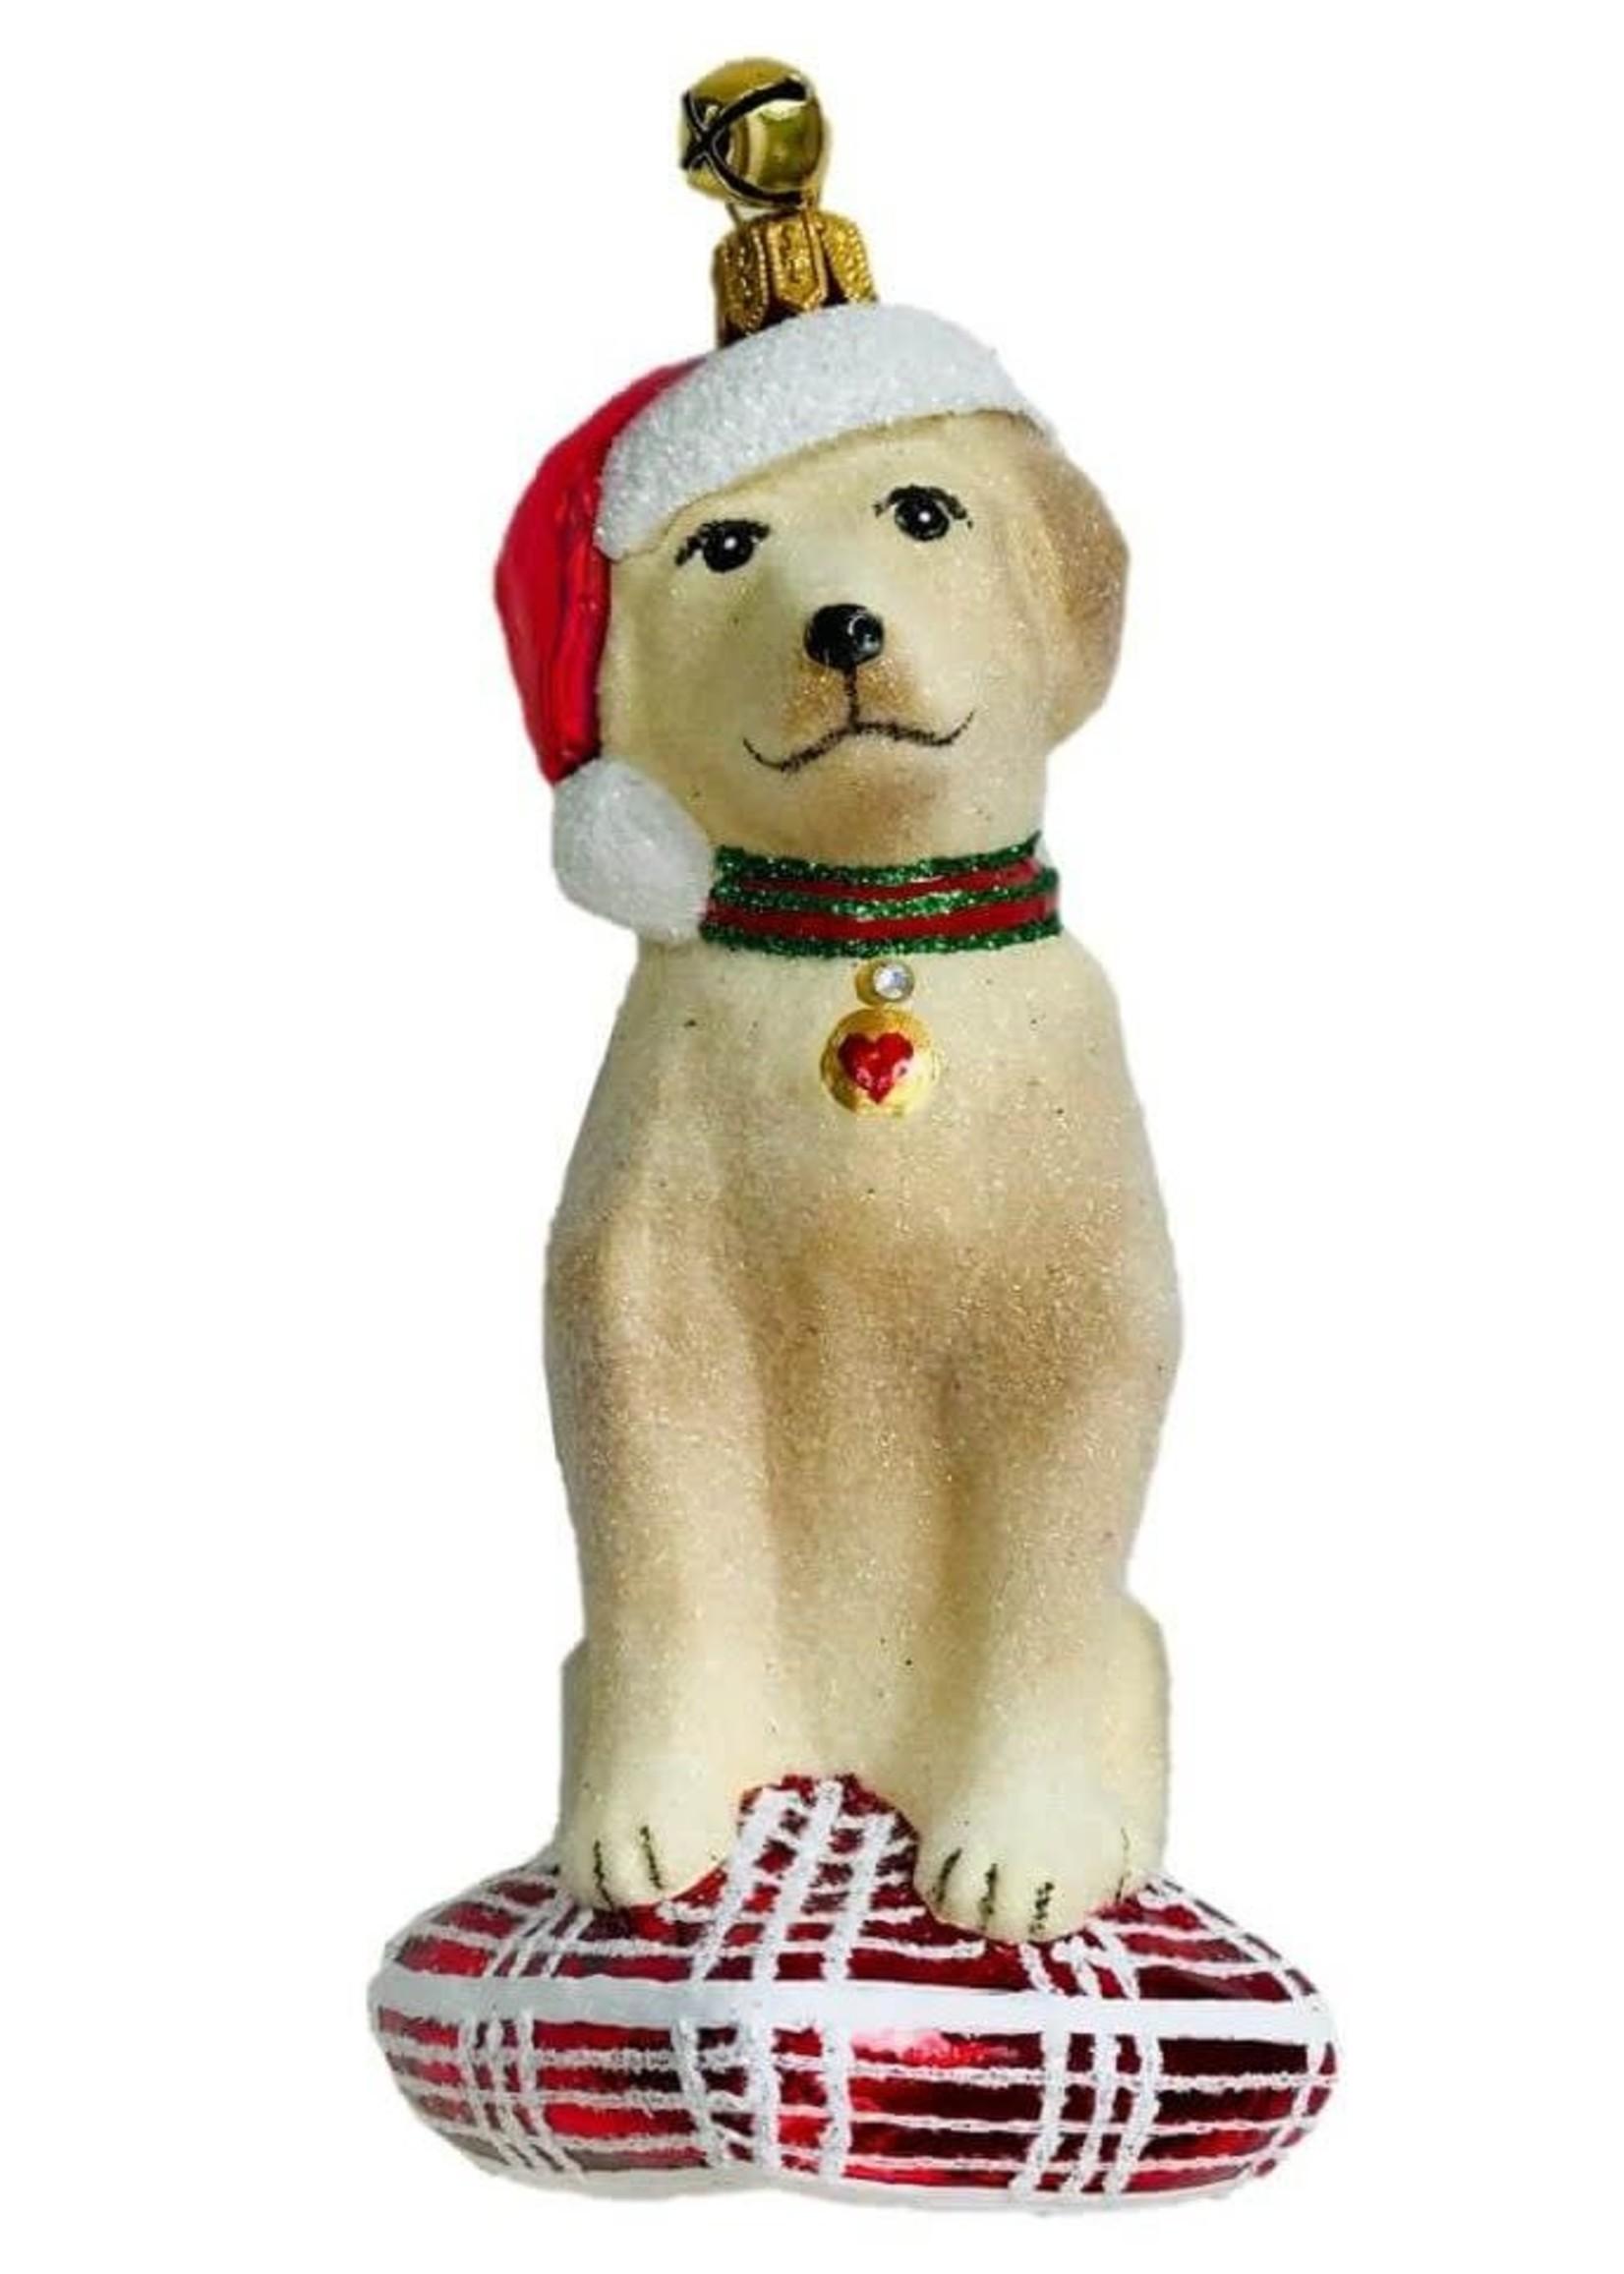 Jingle Nog Ornament - Buddy